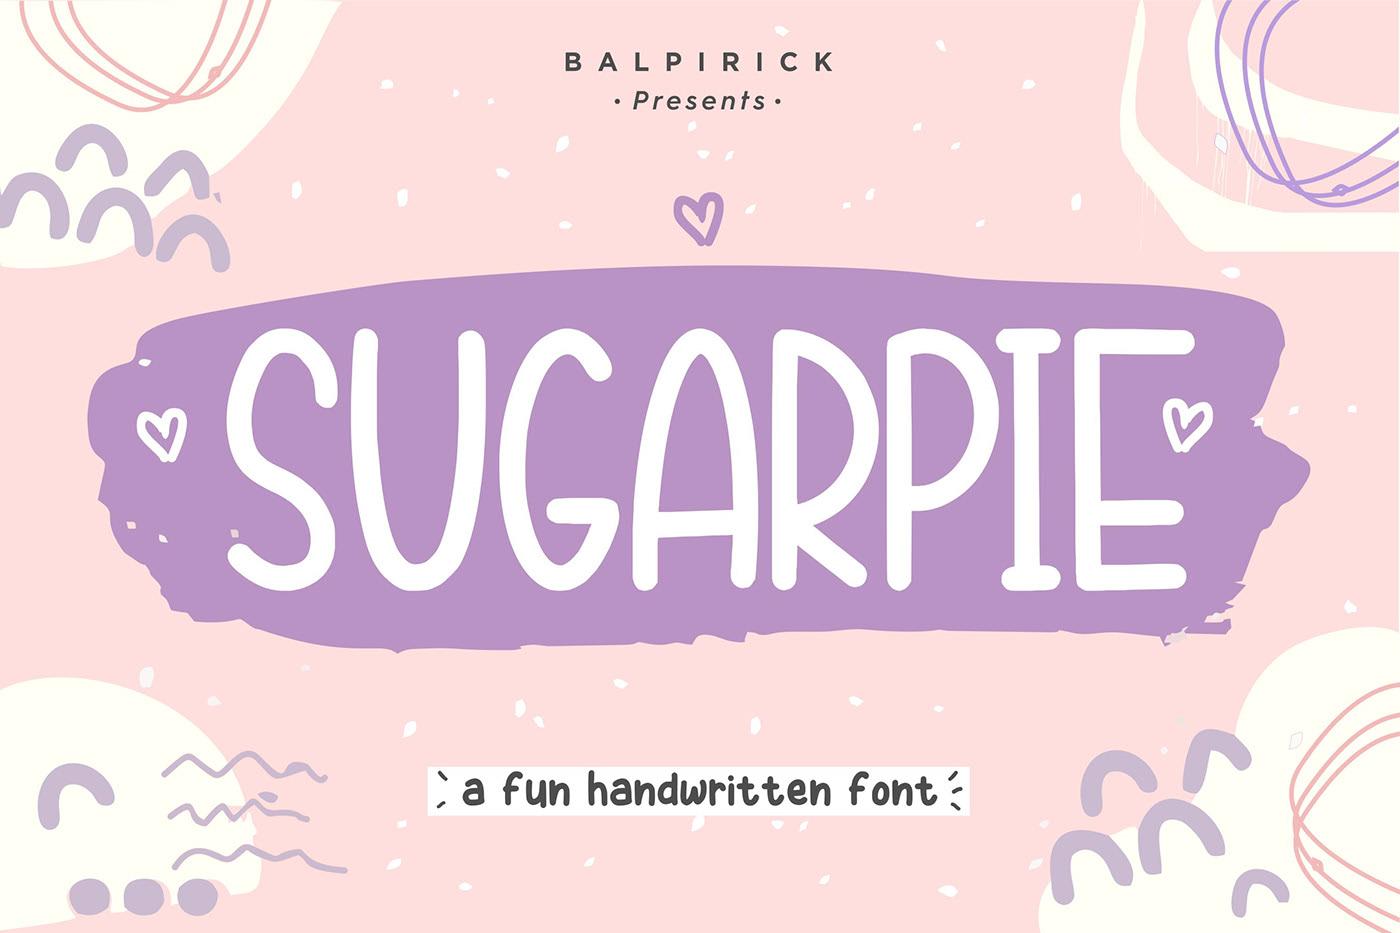 تحميل خط شوجاربى اليدوي اللاتينى الرائع - Sugarpie Font